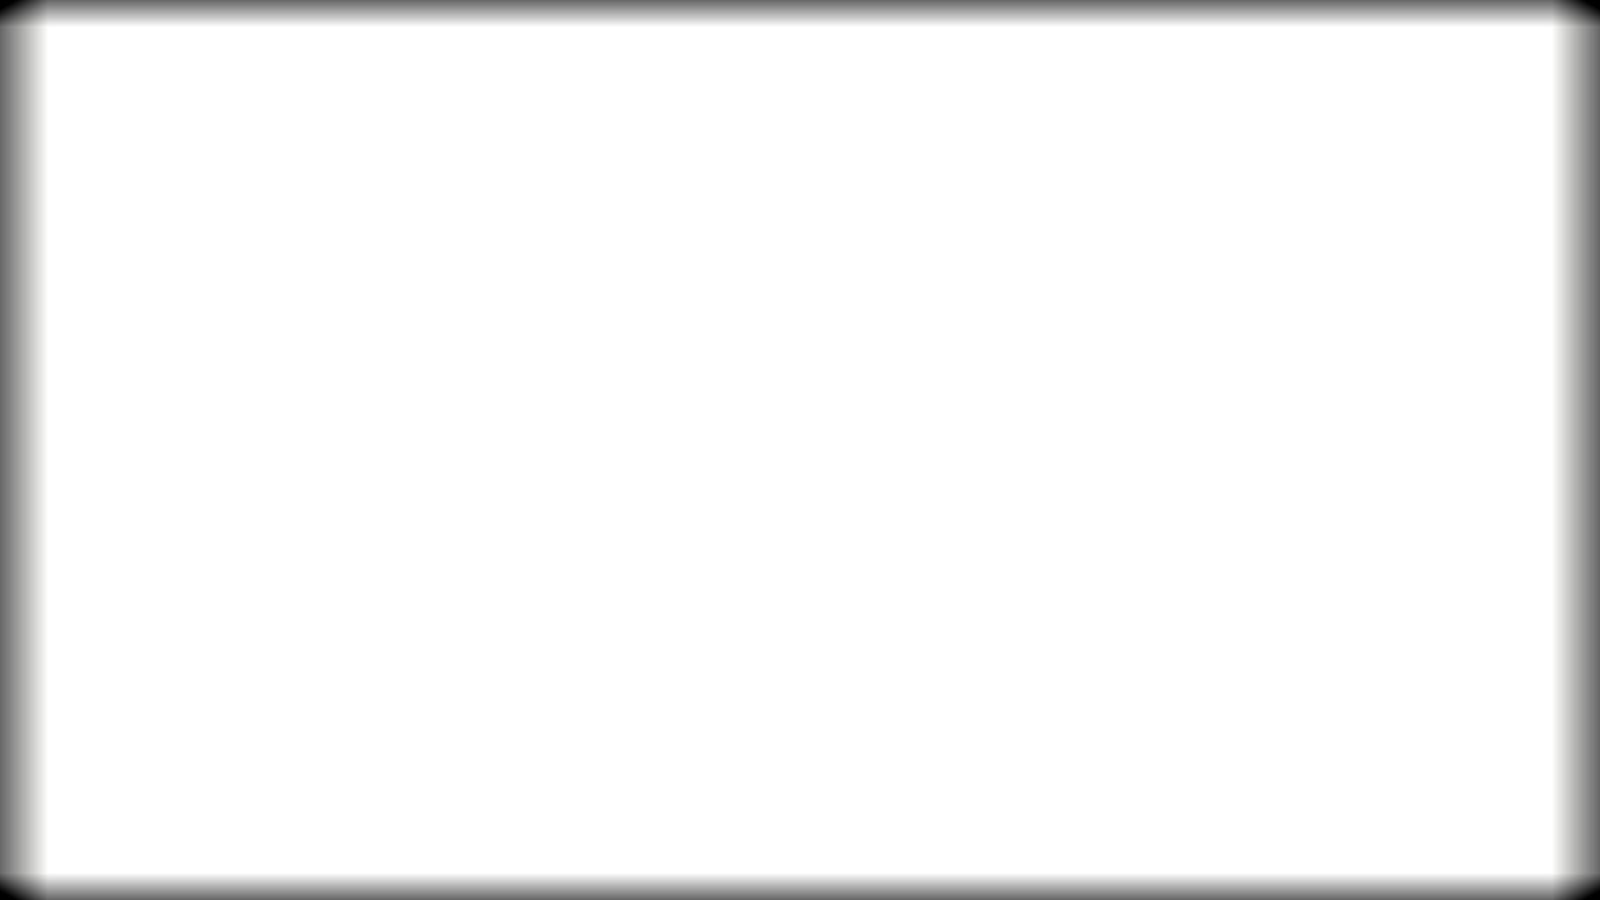 Как реализован рендеринг «Ведьмака 3»: молнии, ведьмачье чутьё и другие эффекты - 56